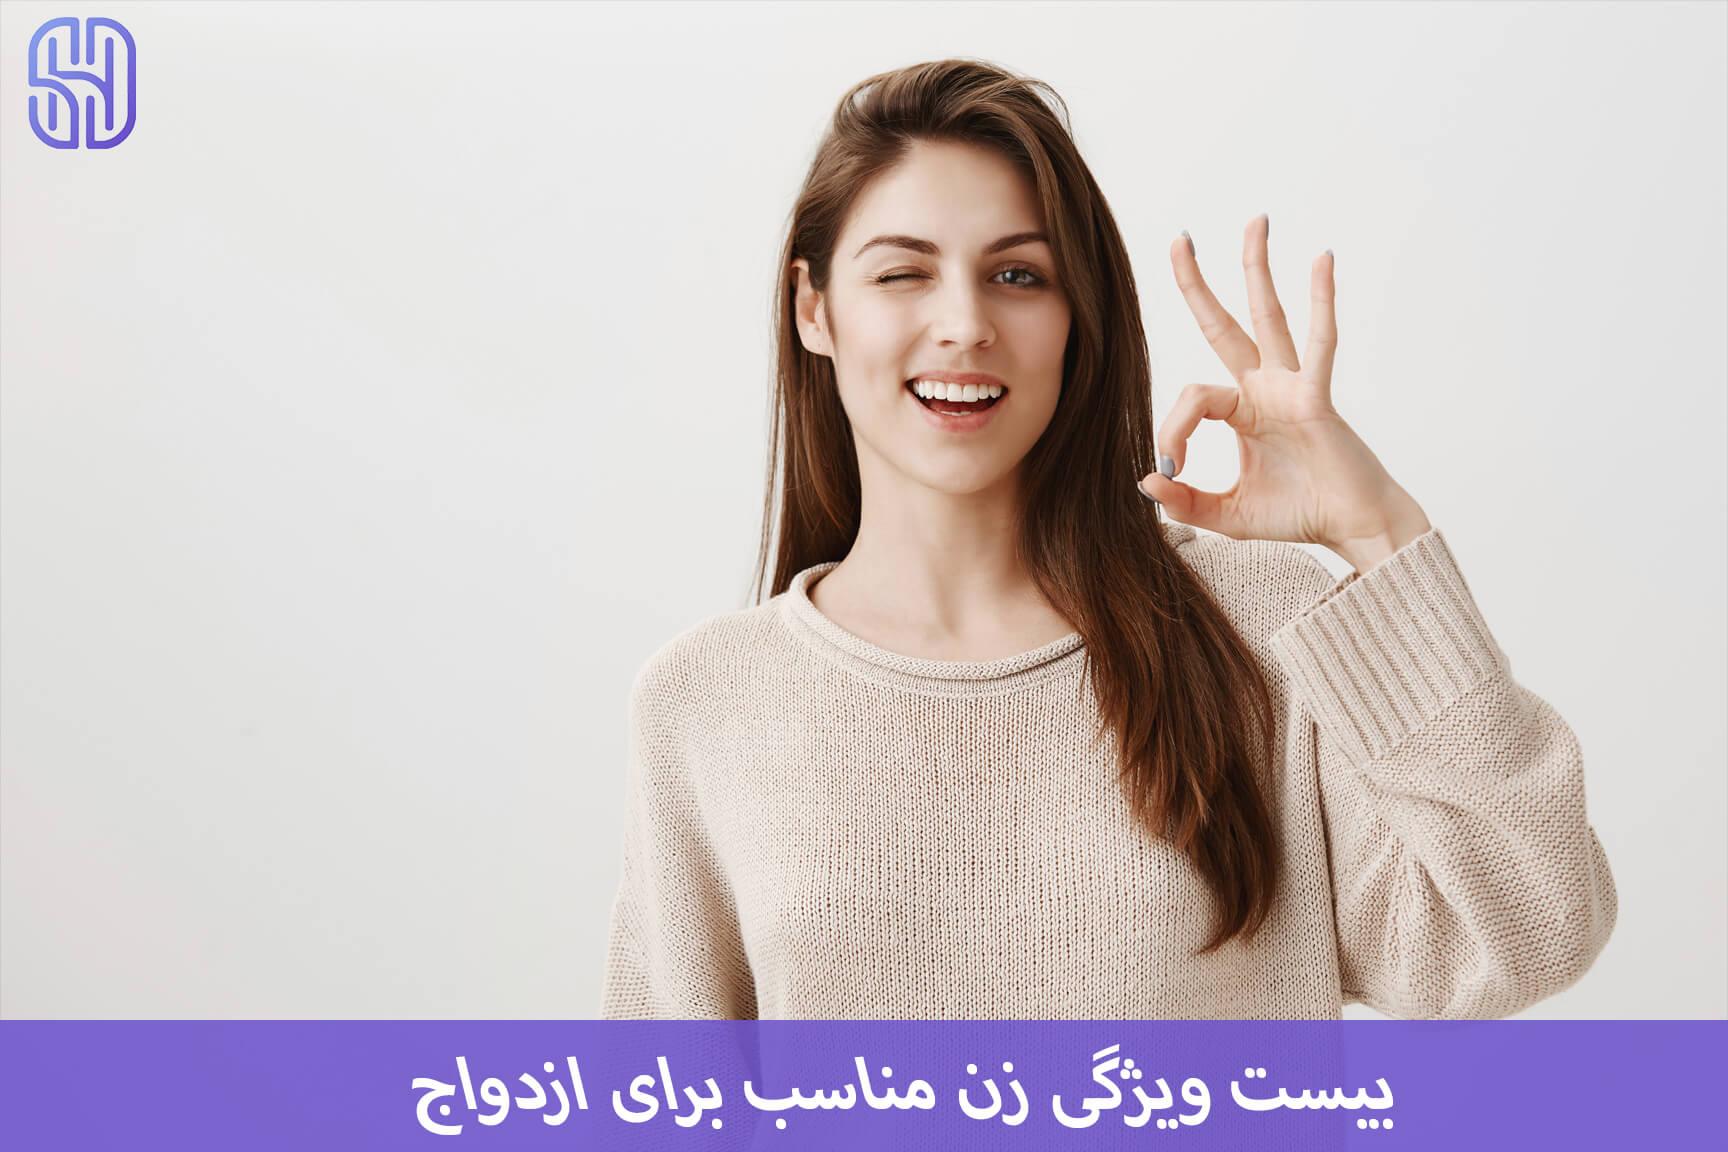 ۲۰ ویژگی زن مناسب برای ازدواج